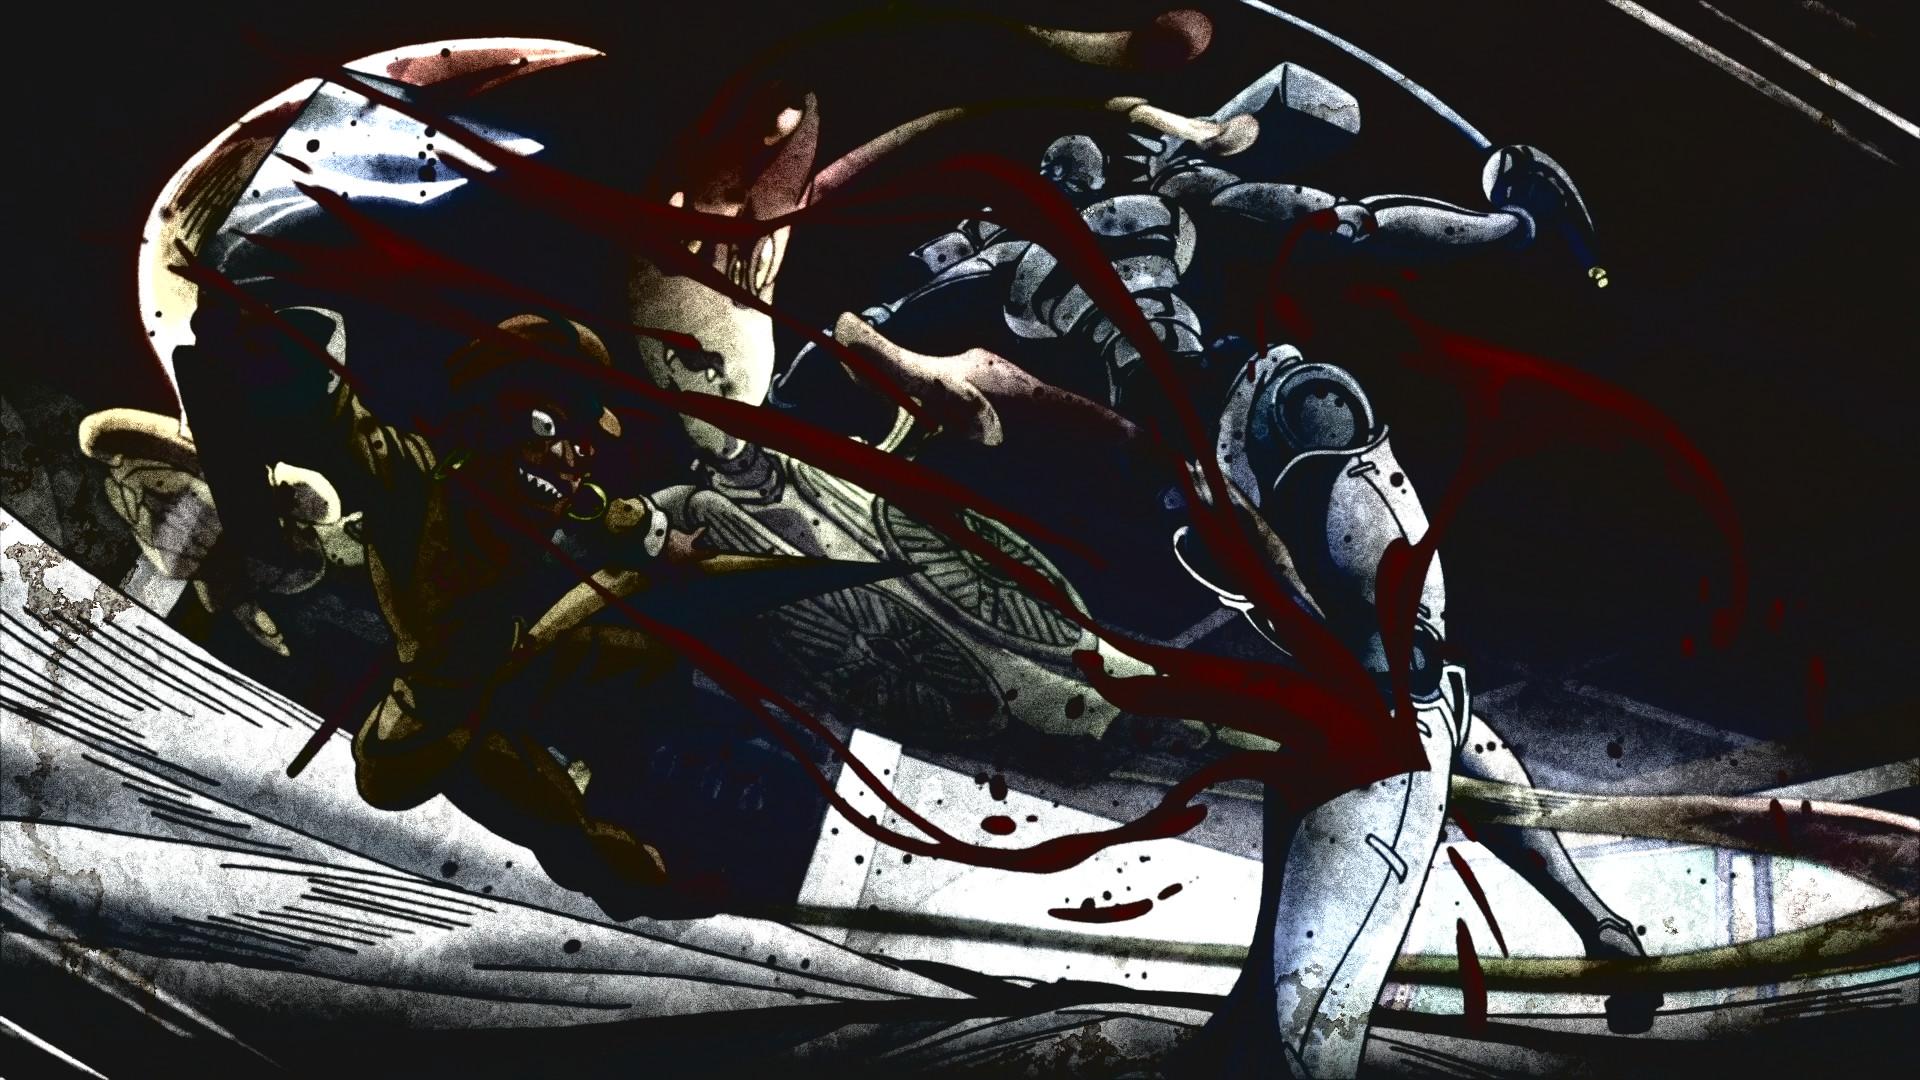 Jojo Bizarre Adventure Wallpaper 82 Images